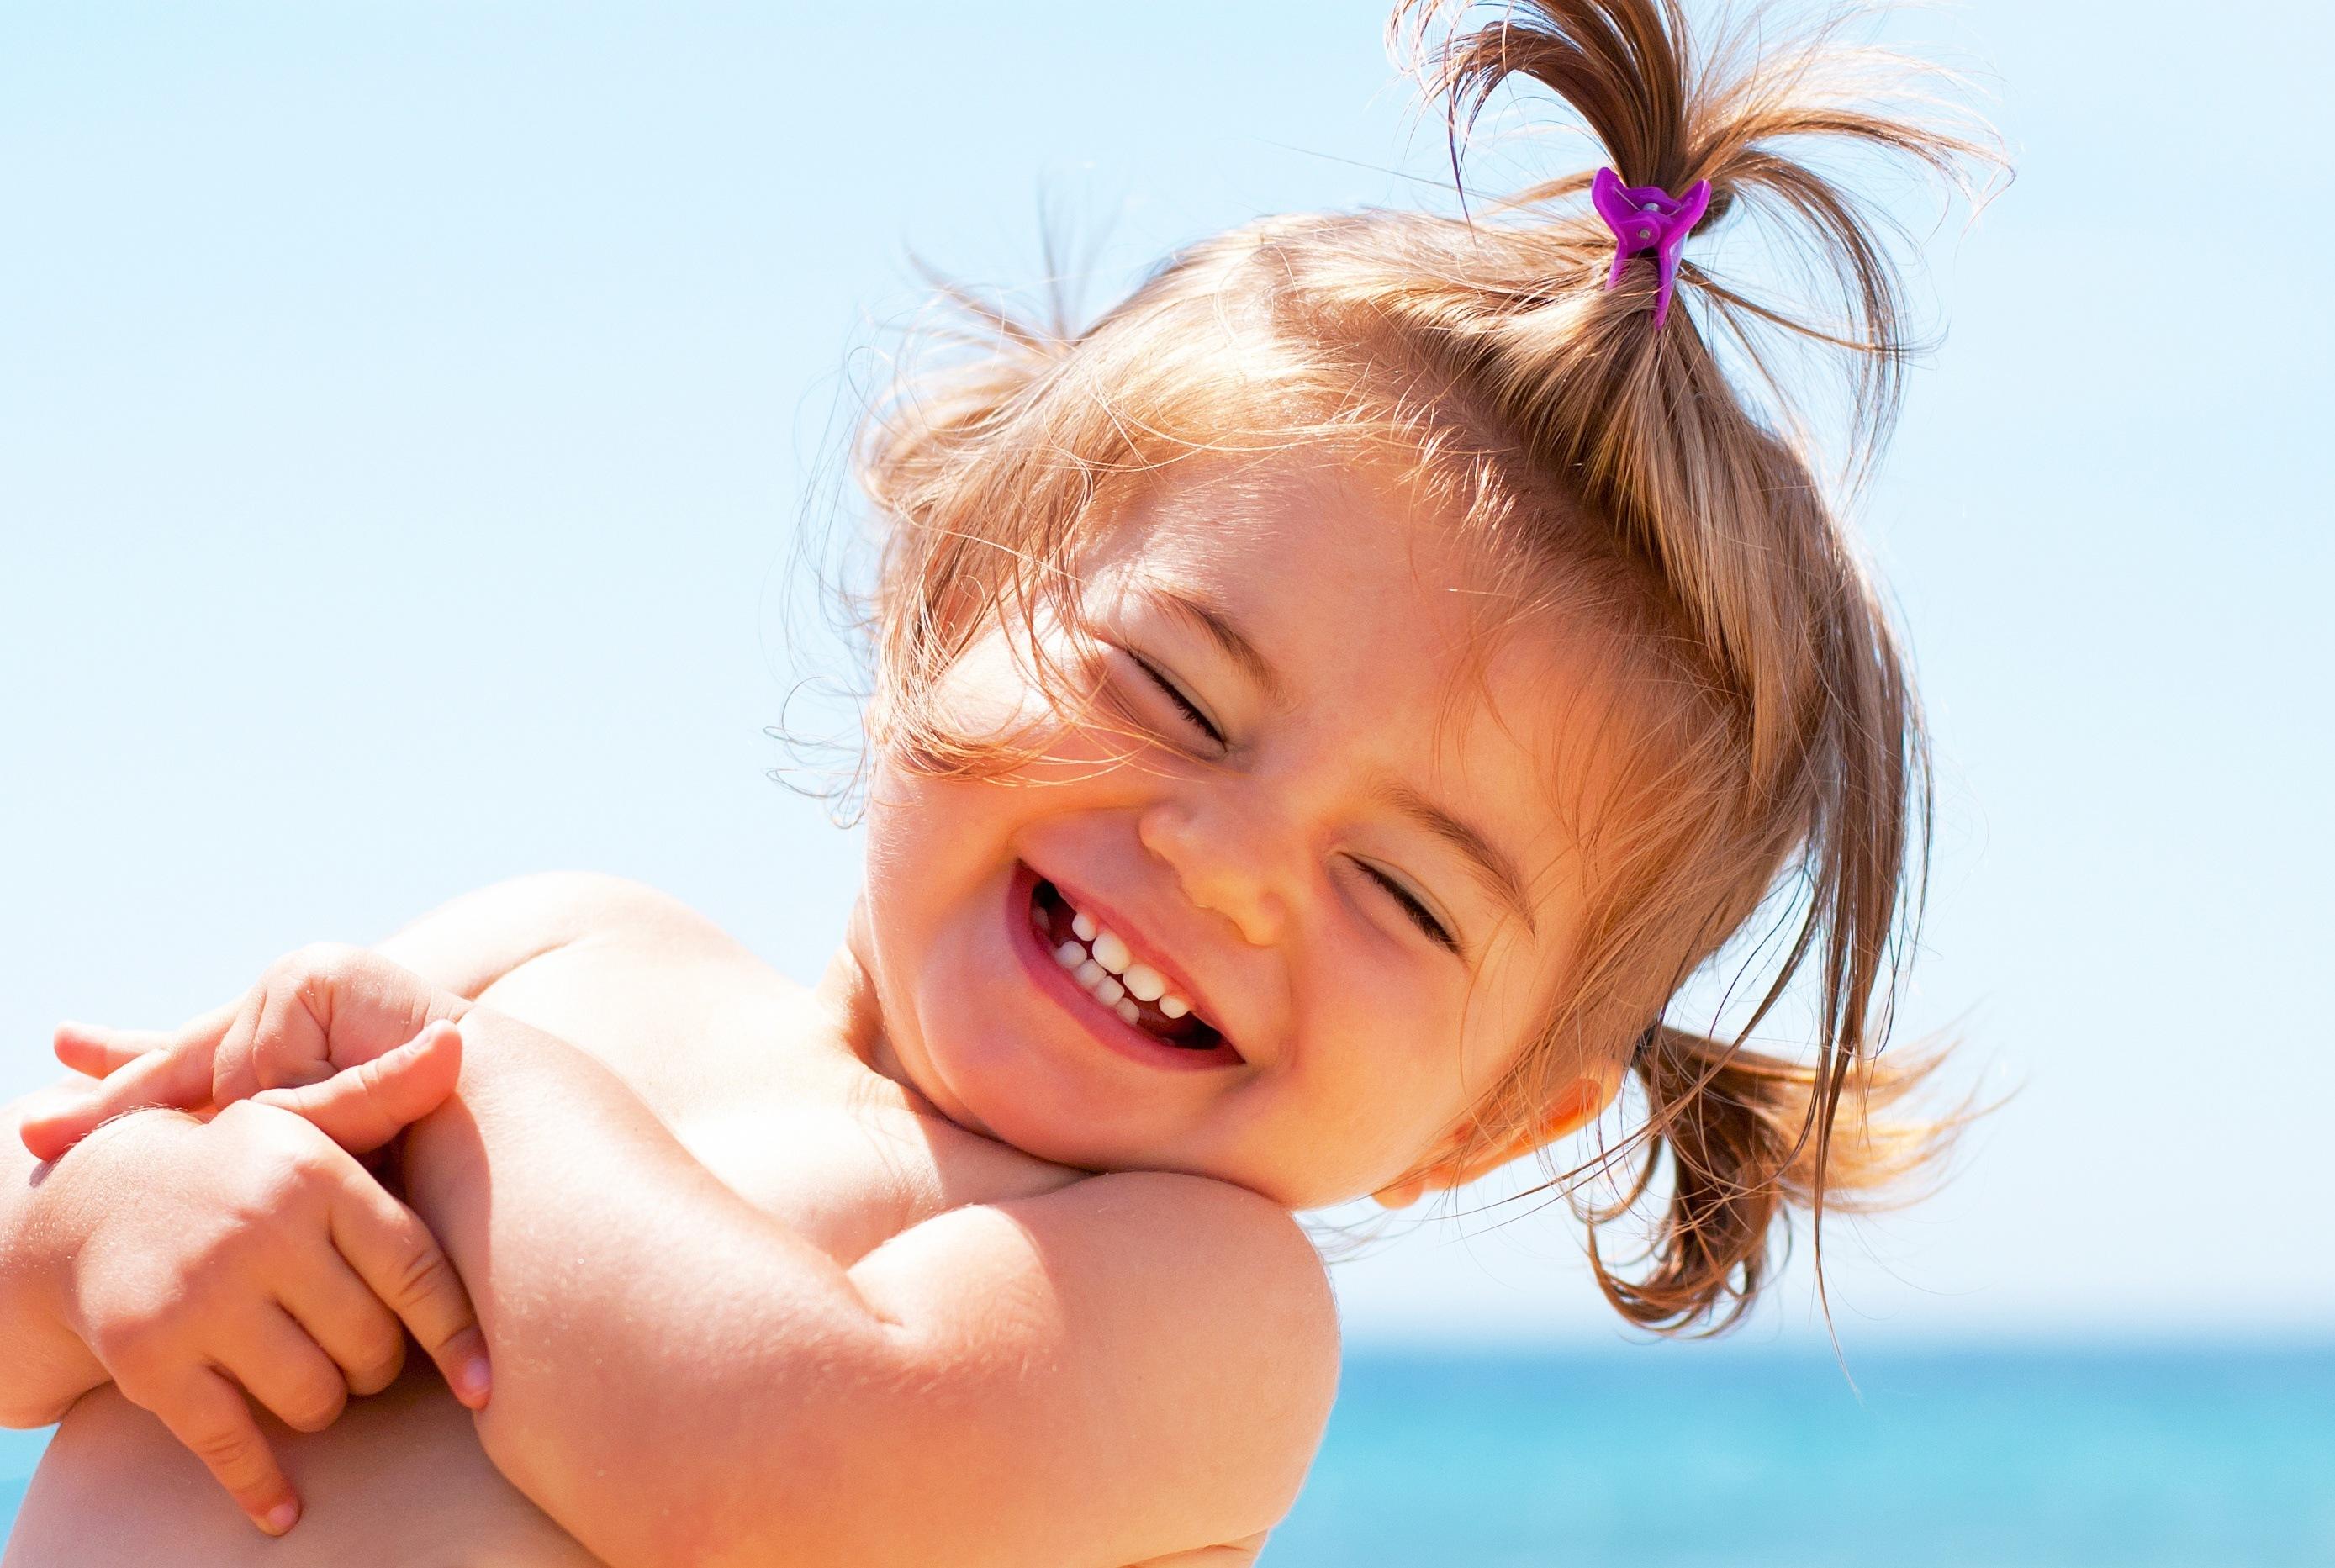 Пухленькие маленькие девочки фото 26 фотография